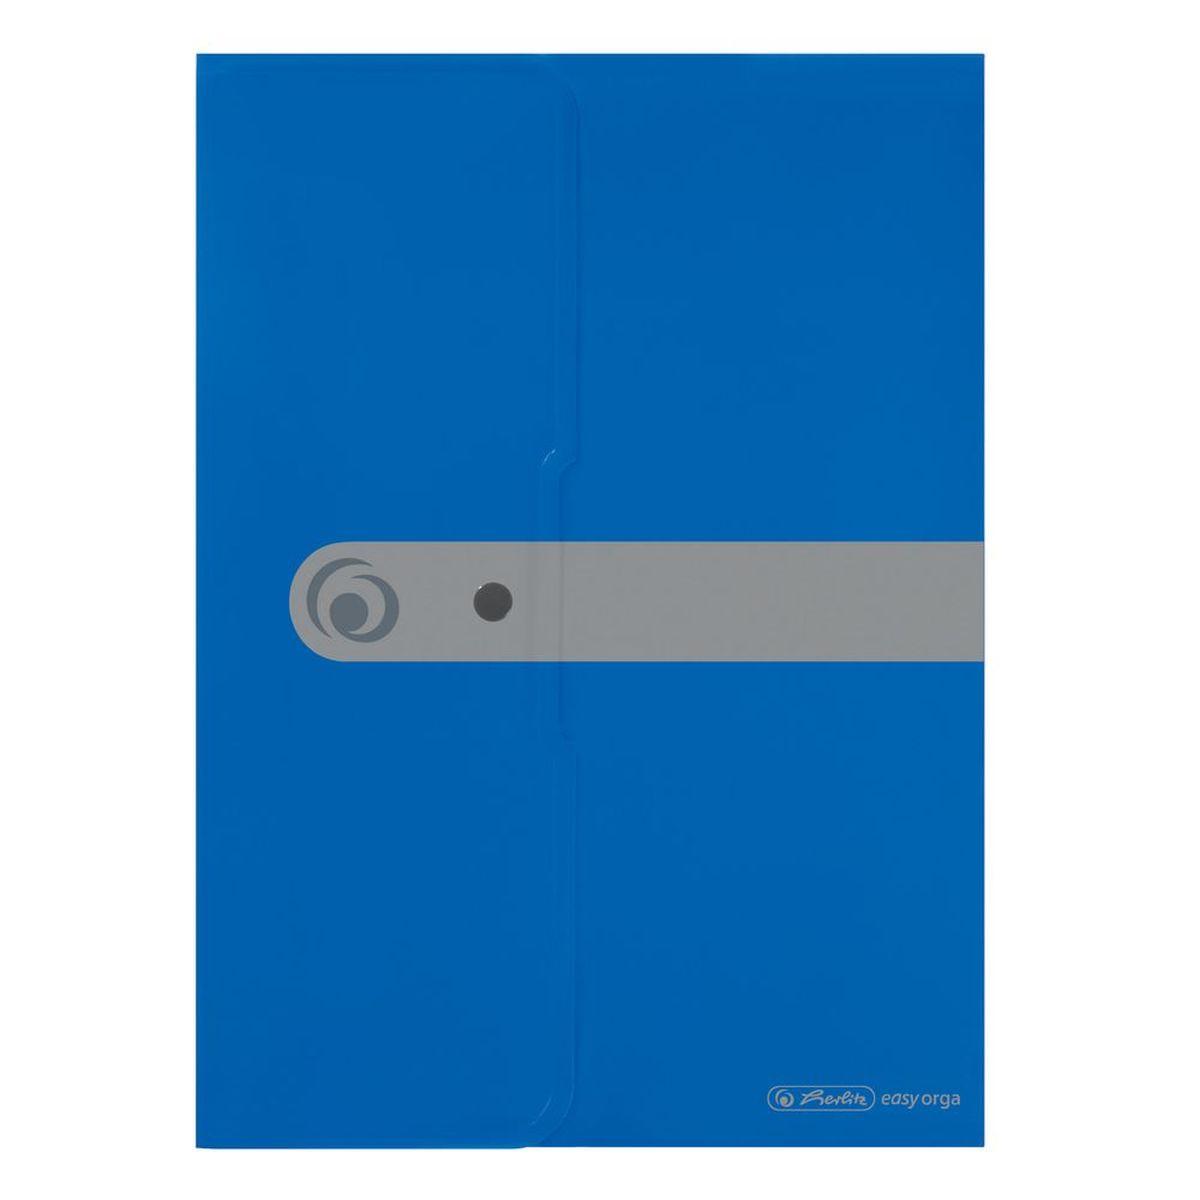 Herlitz Папка-конверт Easy orga формат A4 цвет синийPP-220Папка-конверт для документов Herlitz Easy orga станет вашим верным помощником дома и в офисе.Это удобный и функциональный инструмент, предназначенный для хранения и транспортировки больших объемов рабочих бумаг и документов формата А4. Папка изготовлена из качественного полипропилена. Состоит из одного вместительного отделения. Закрывается папка просто и удобно - при помощи кнопки, которая ее надежно фиксирует.Папка - это незаменимый атрибут для любого студента, школьника или офисного работника. Такая папка надежно сохранит ваши бумаги и сбережет их от повреждений, пыли и влаги.